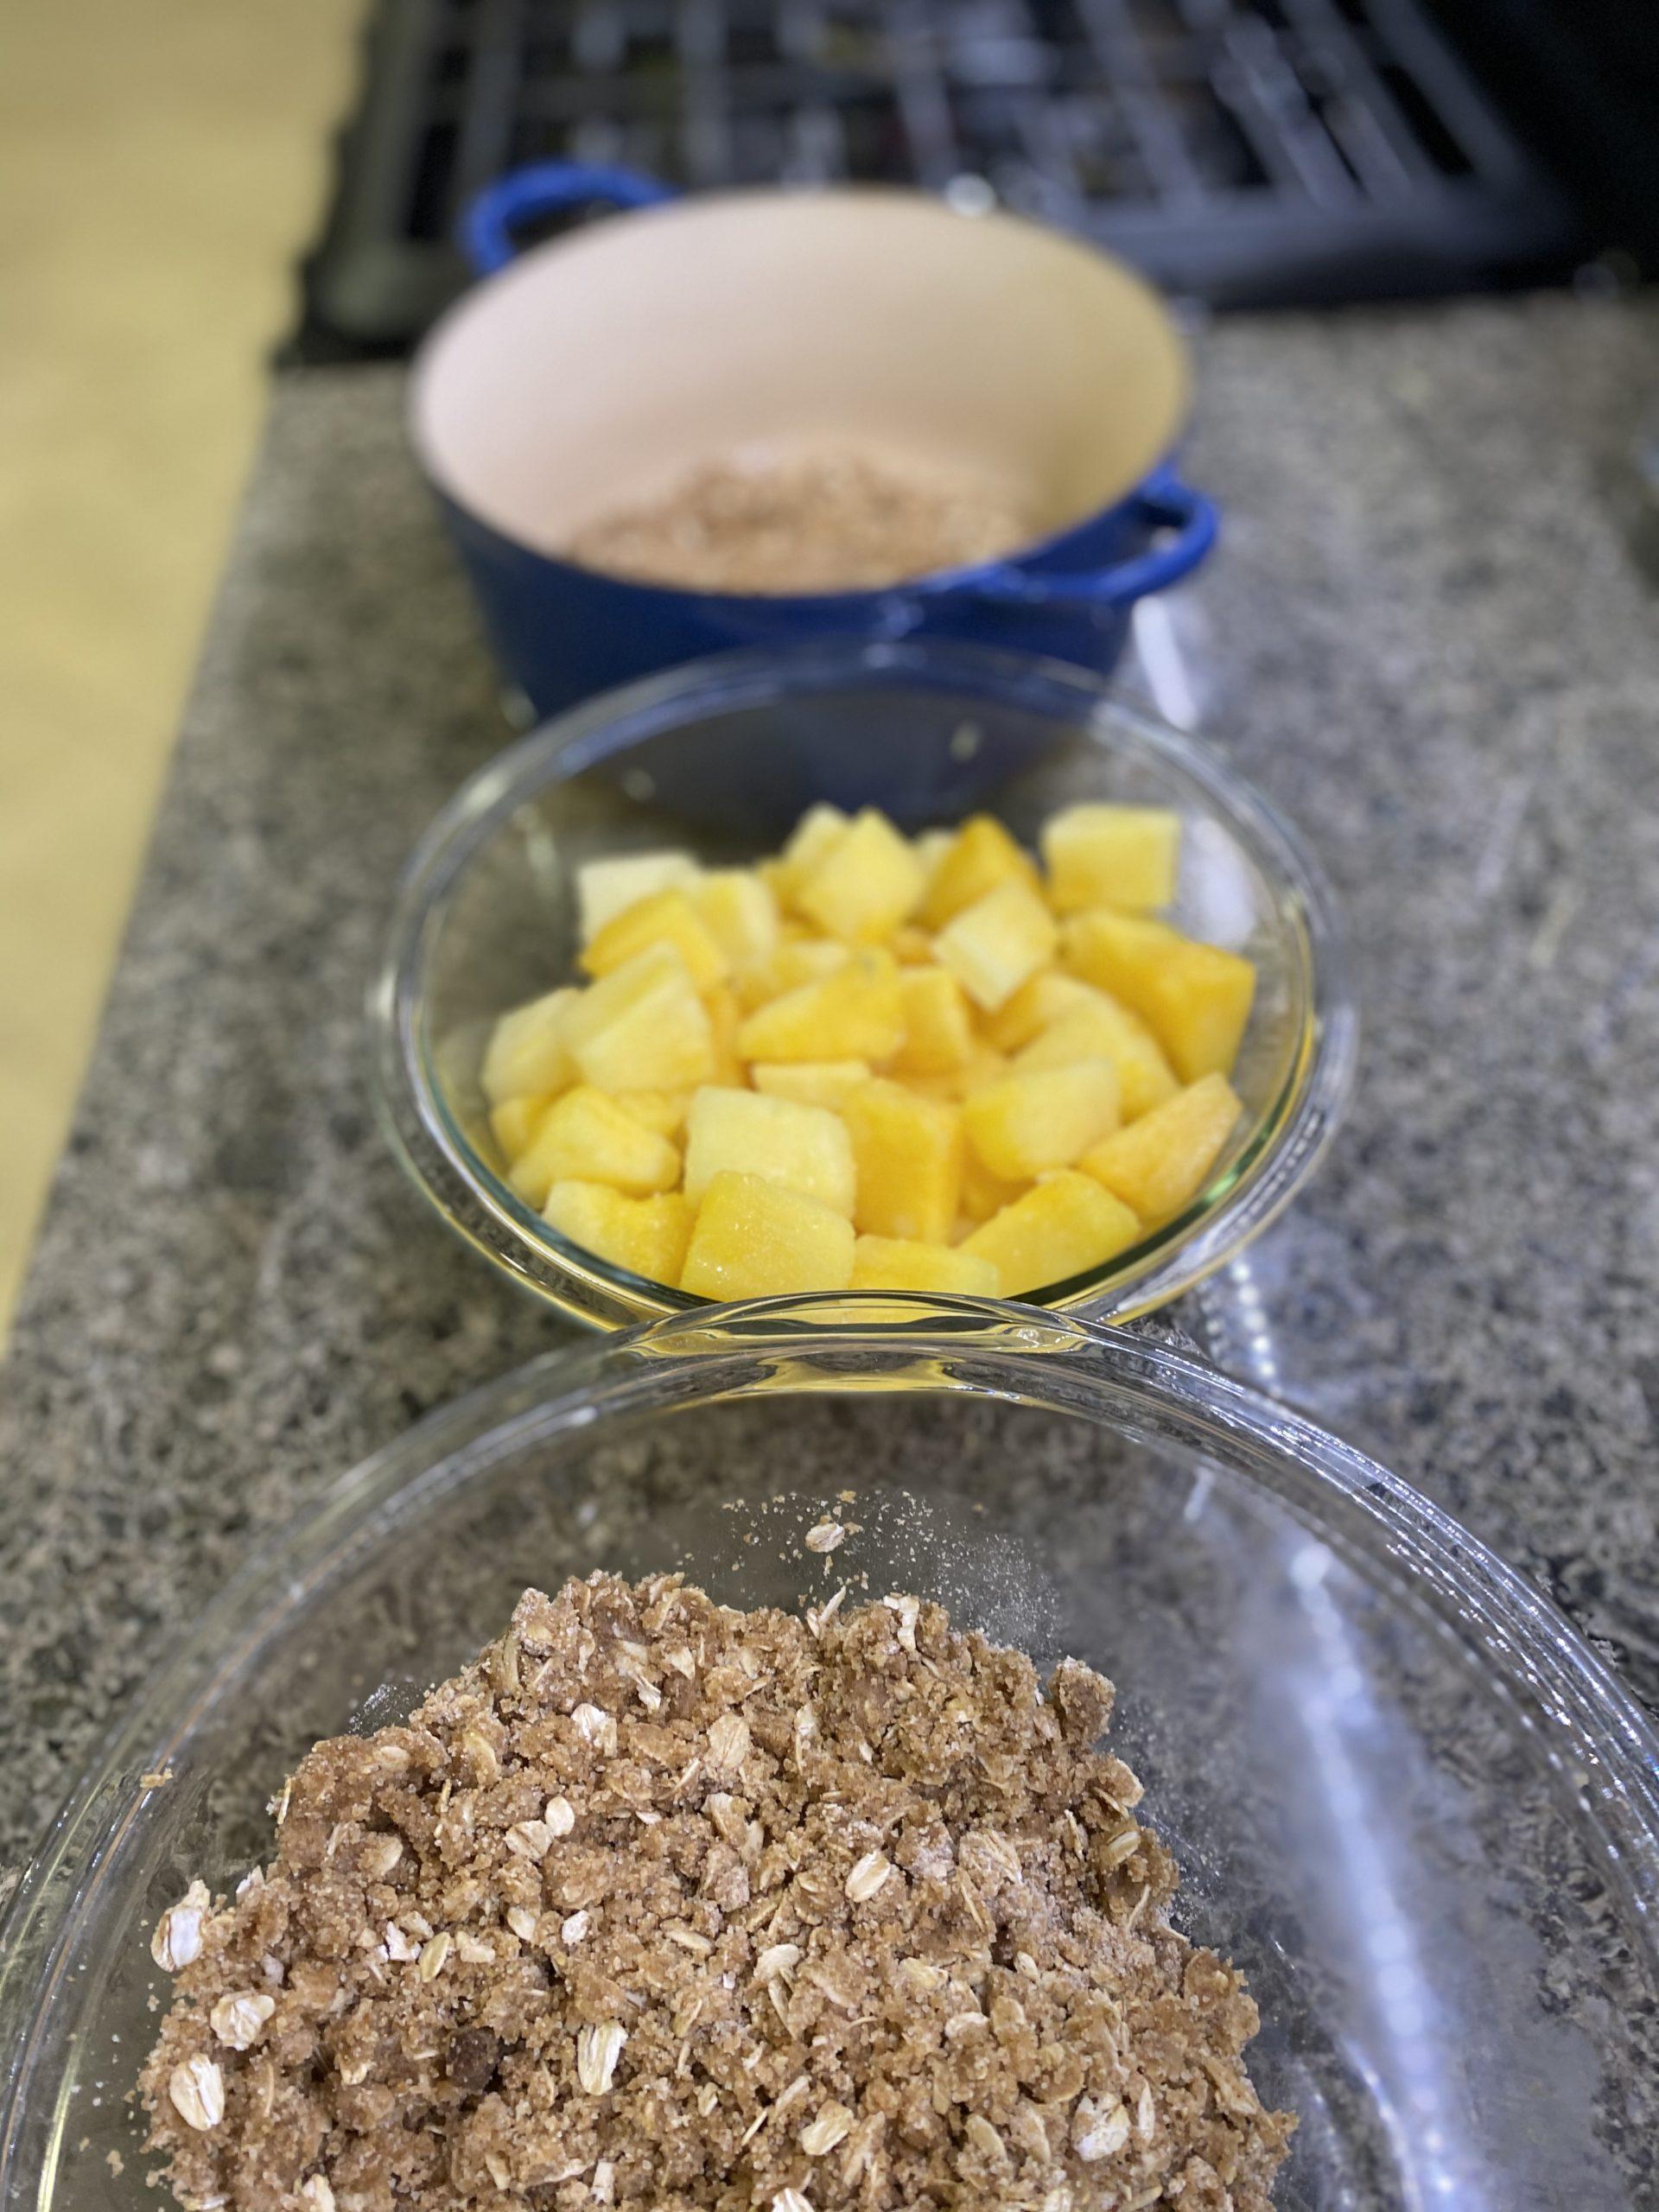 preparing crisp